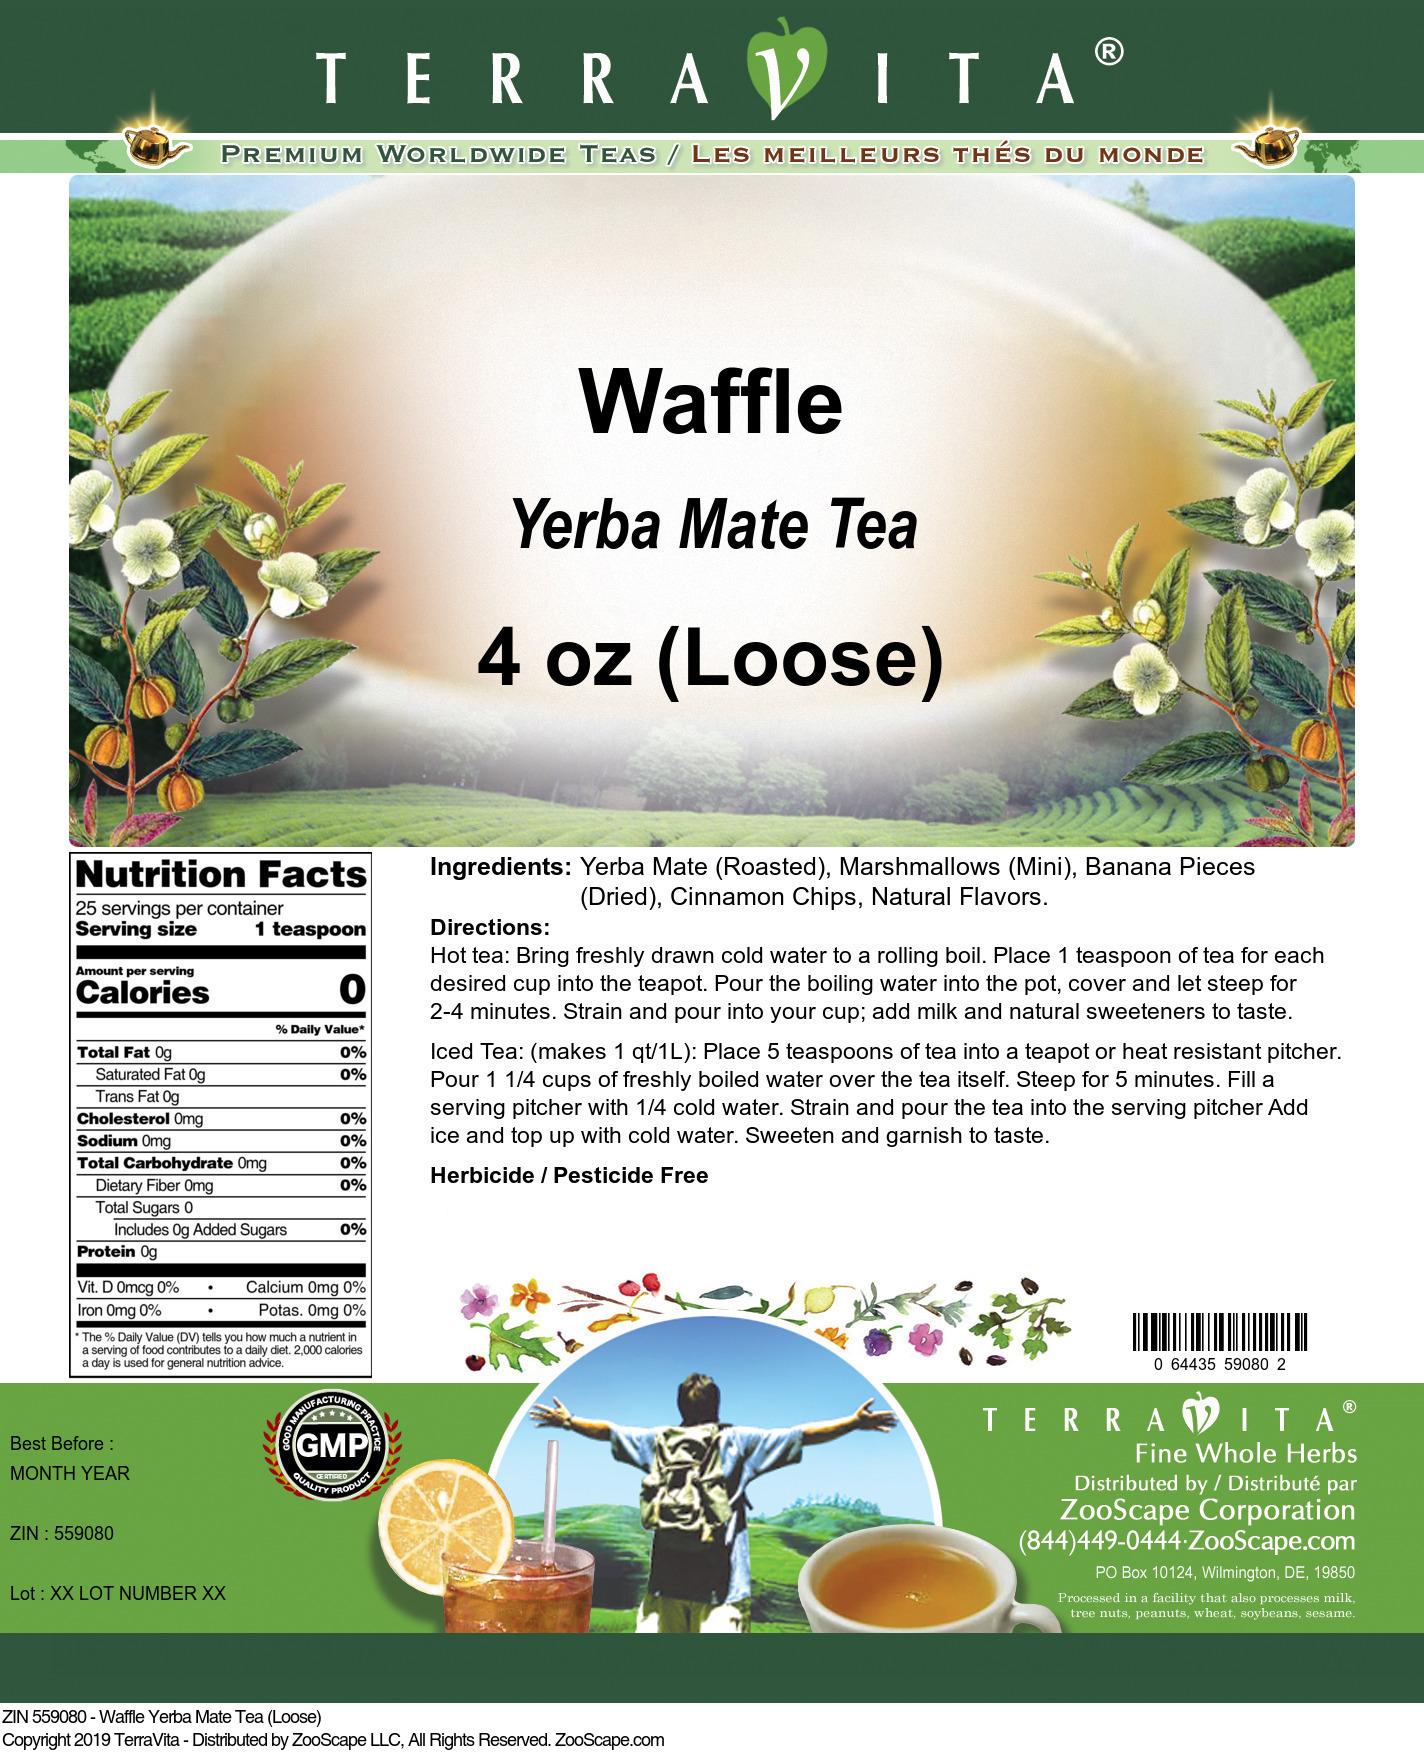 Waffle Yerba Mate